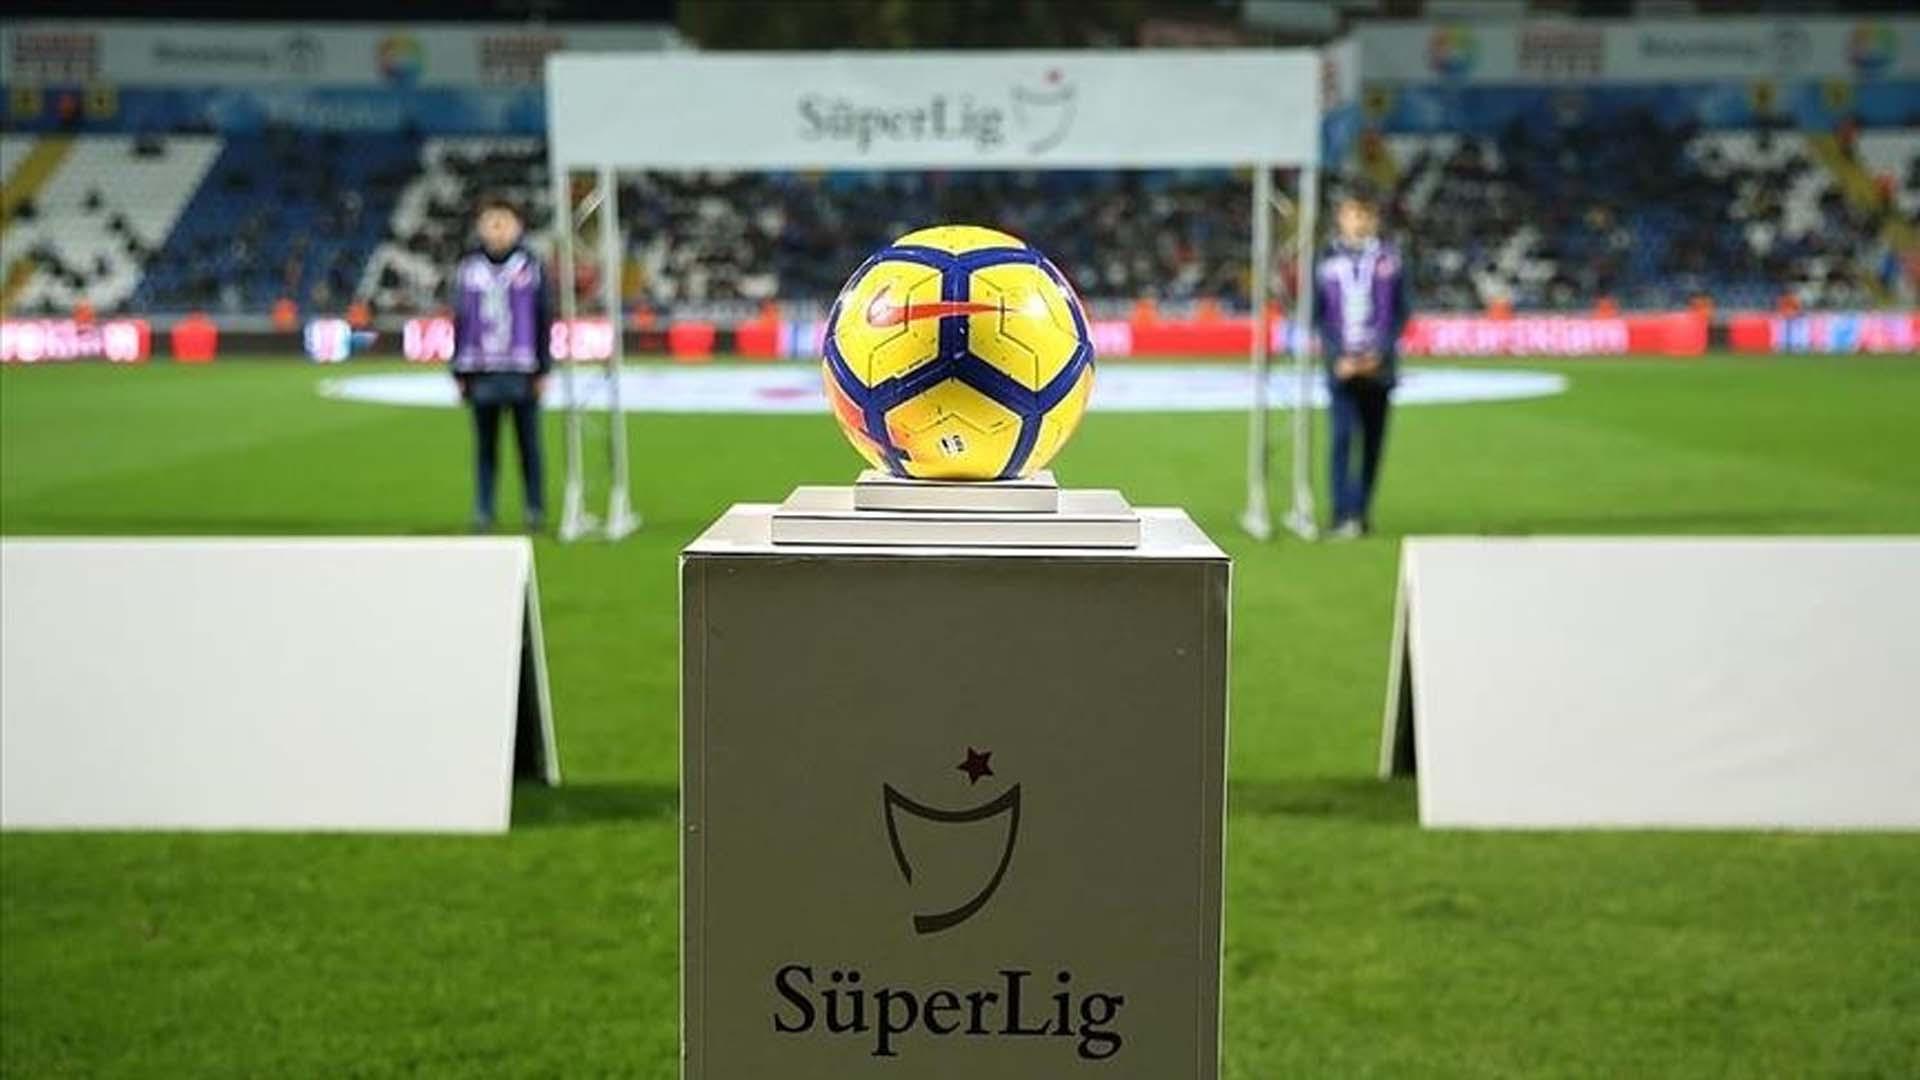 Süper Lig'de hangi takımlar küme düştü 2021? 2020-2021 Süper Lig kaç takım düşecek TFF 1.Lig'e?